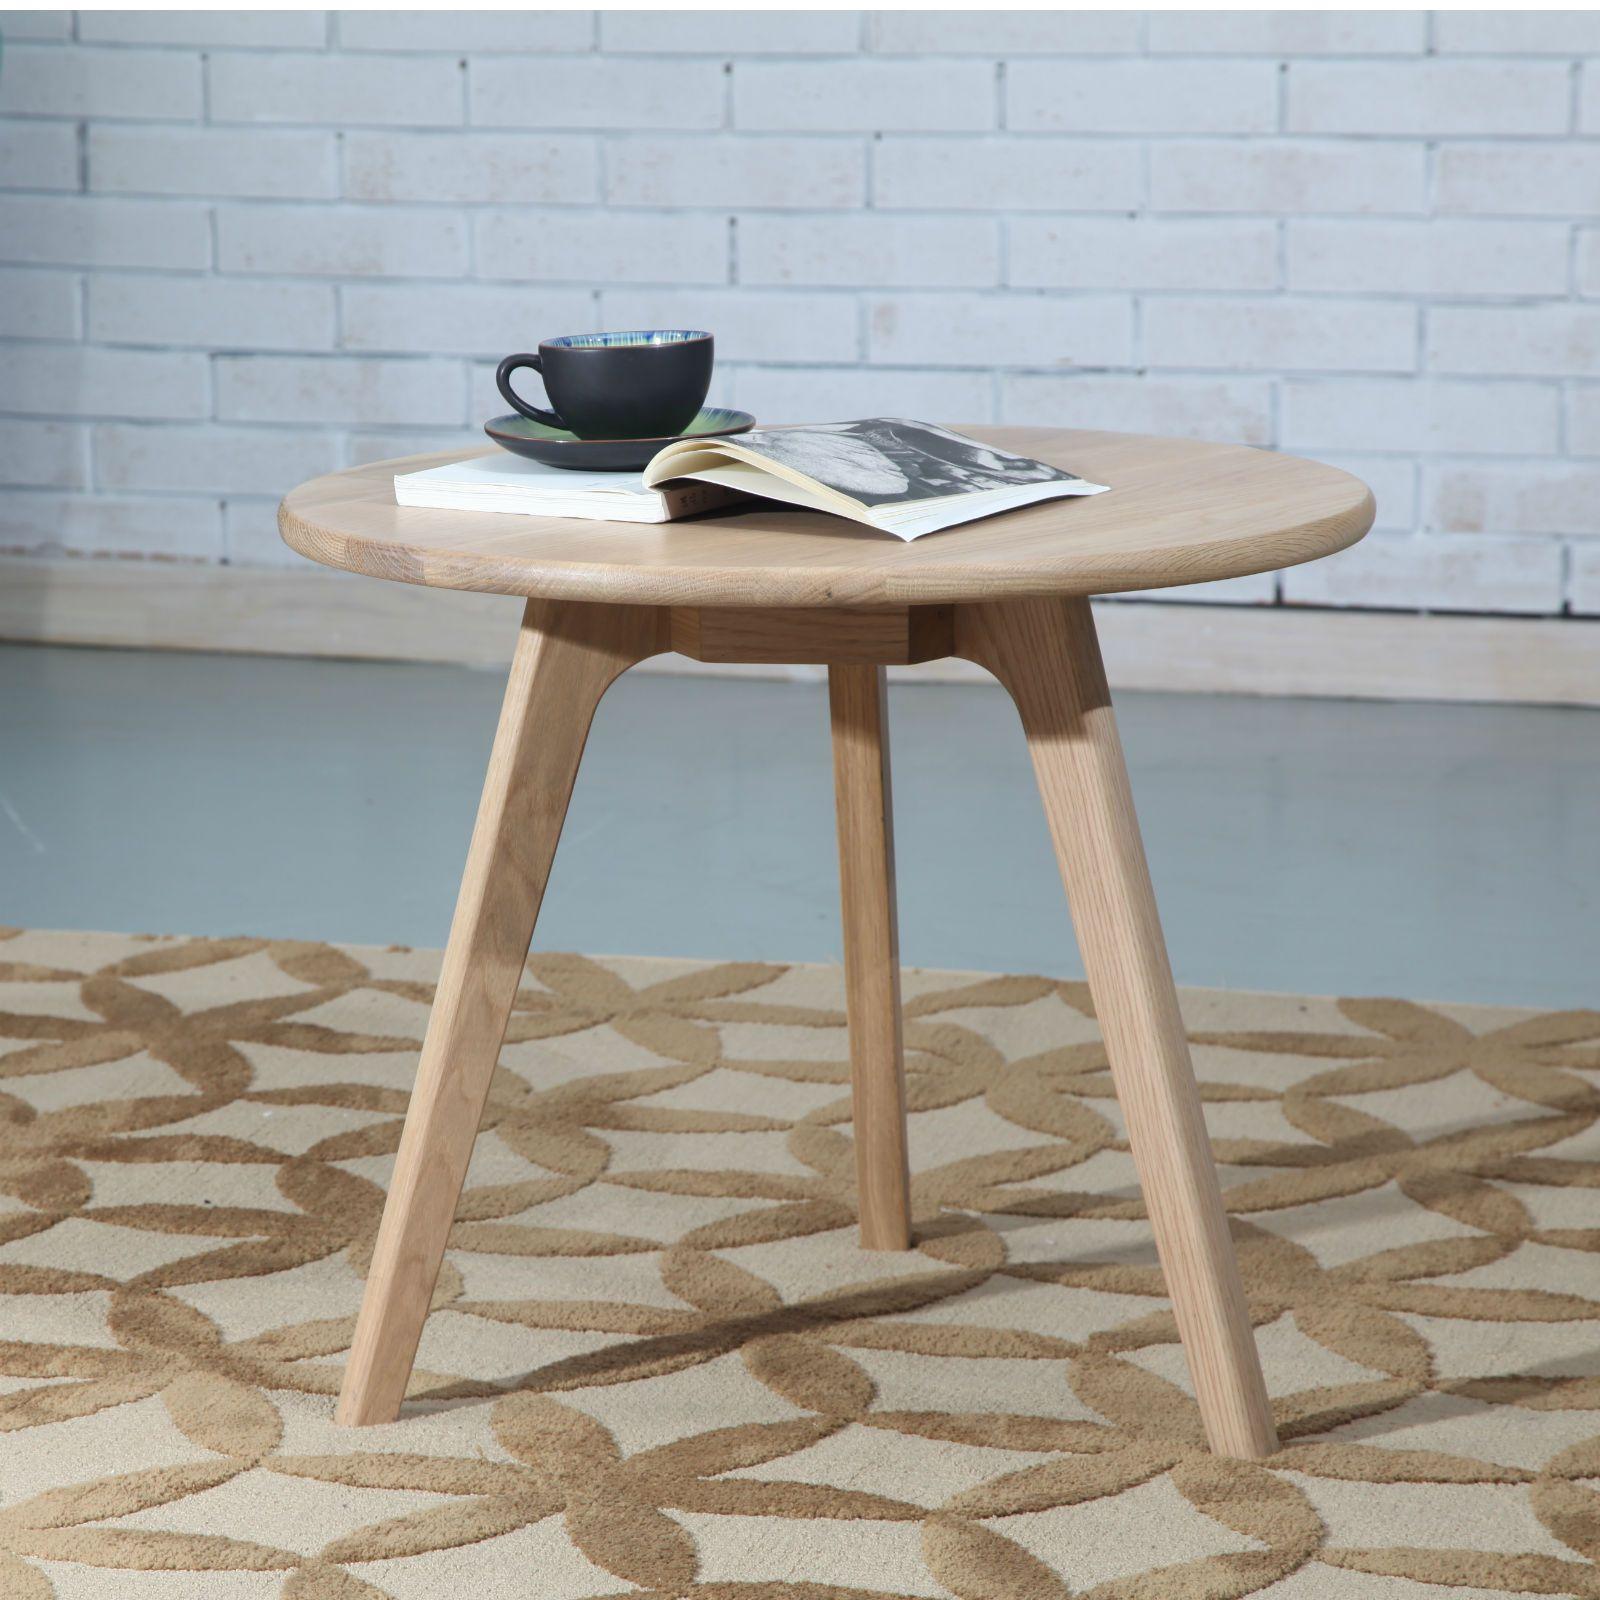 Magnus round table solid oak 60cm diameter x 50cm